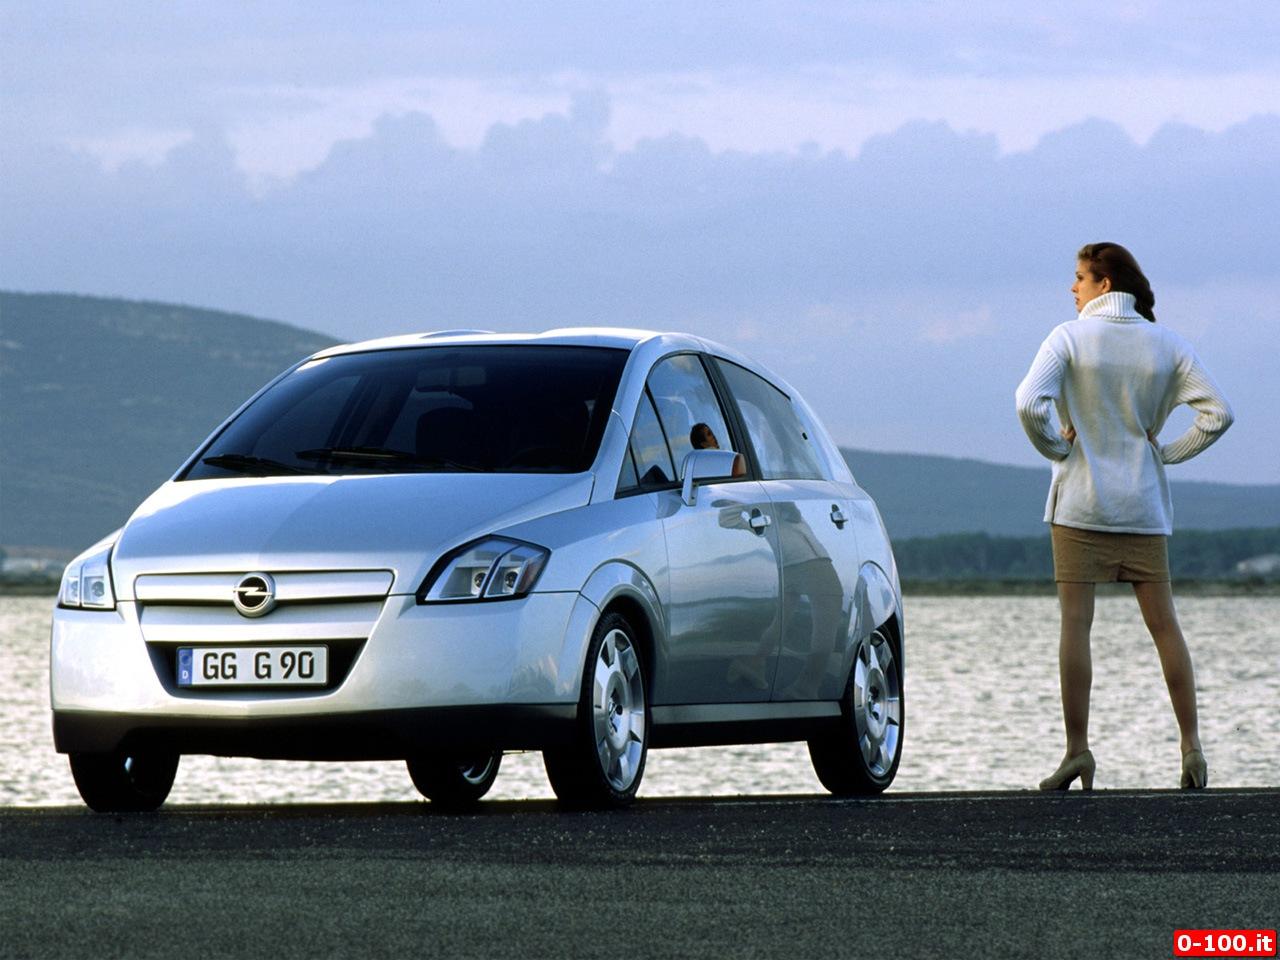 Opel_G90-0-100_1